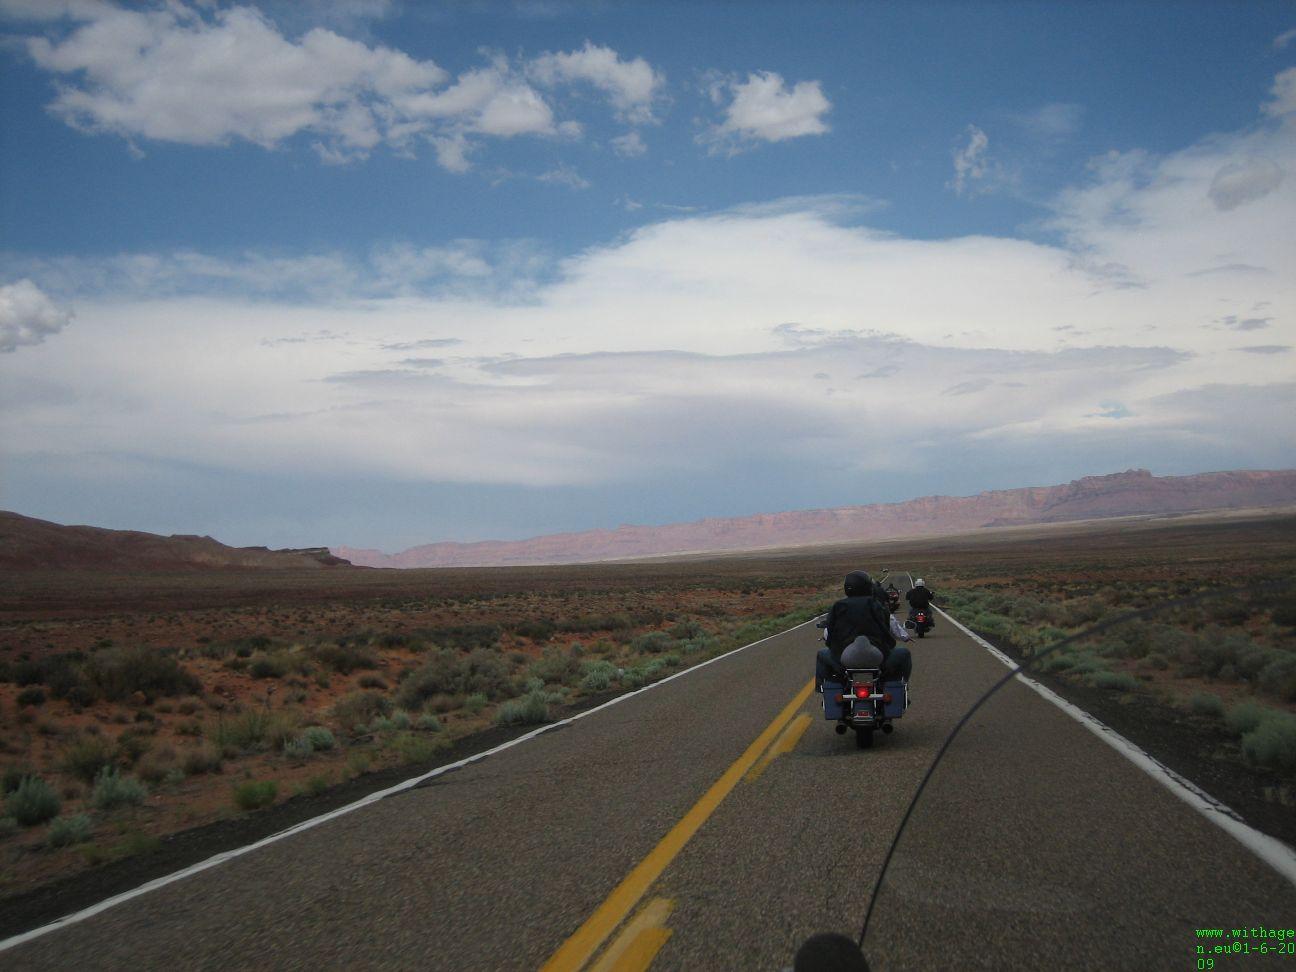 Geweldige rit richting Navajo Bridge